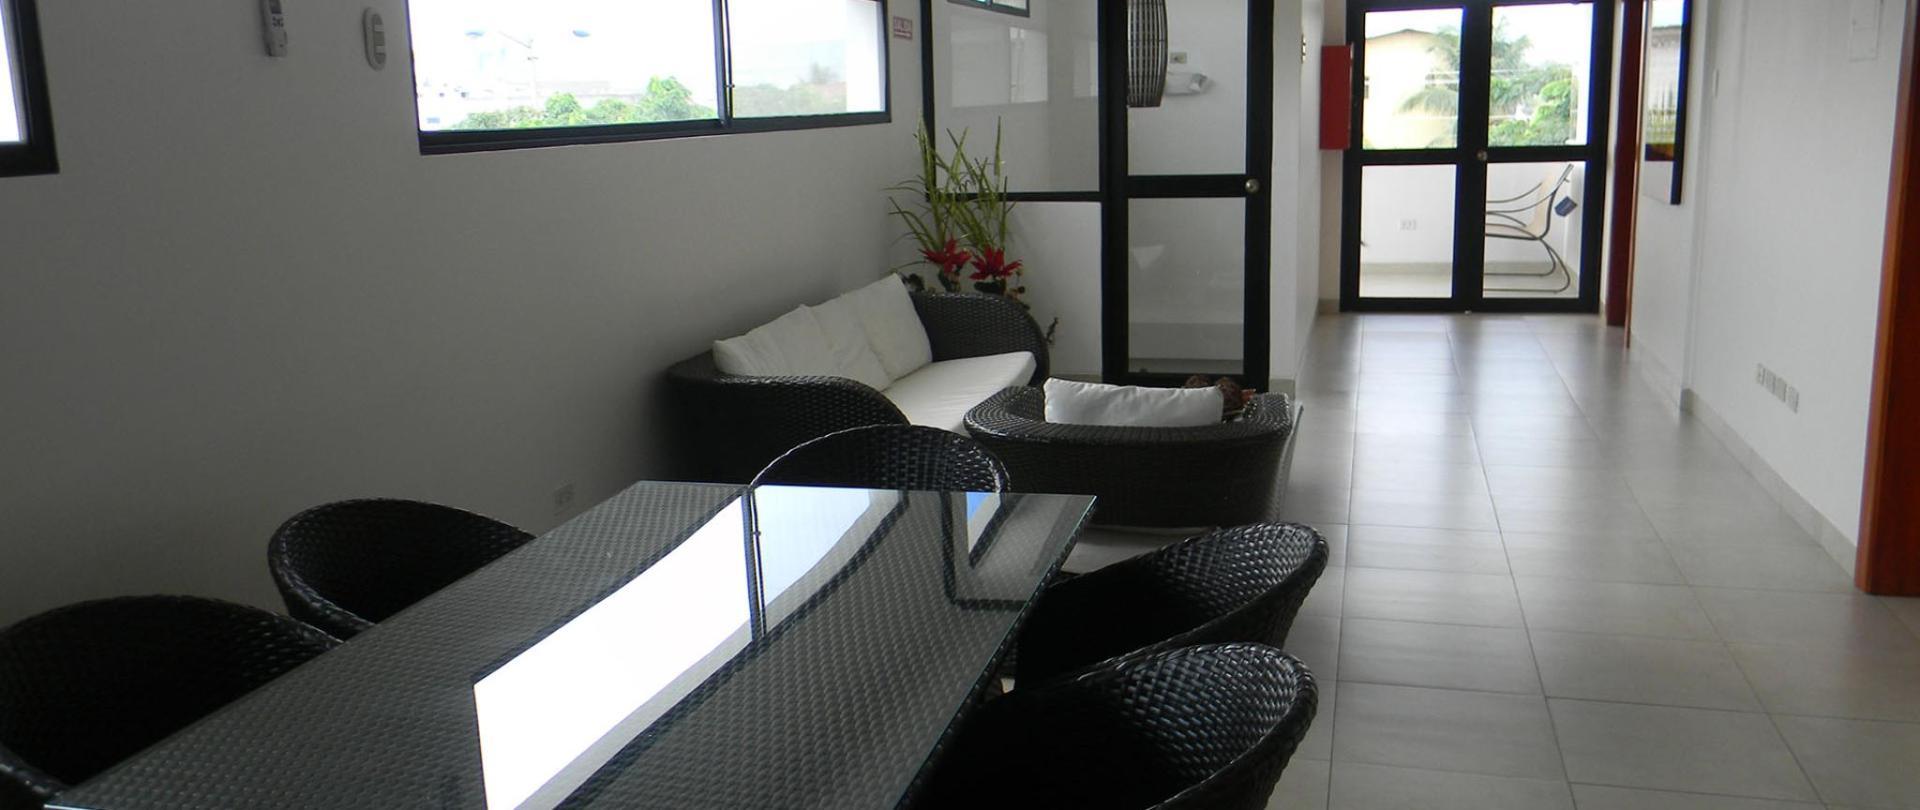 apart-suites-02.jpg